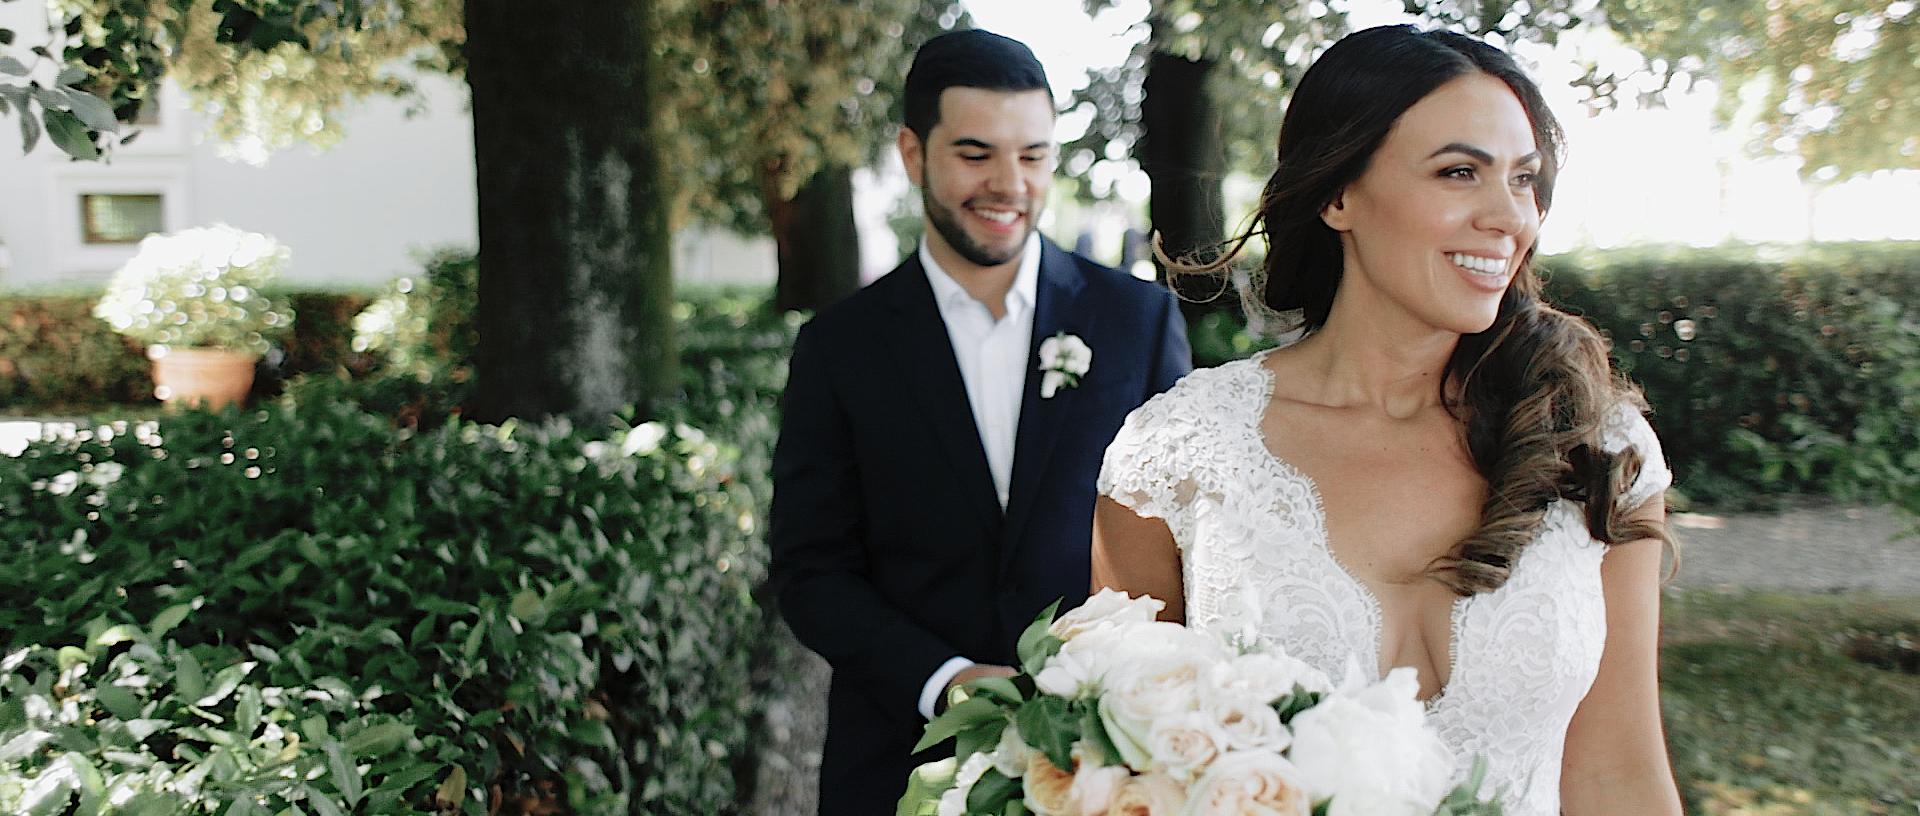 AMANDA & RYAN | ITALIAN WEDDING